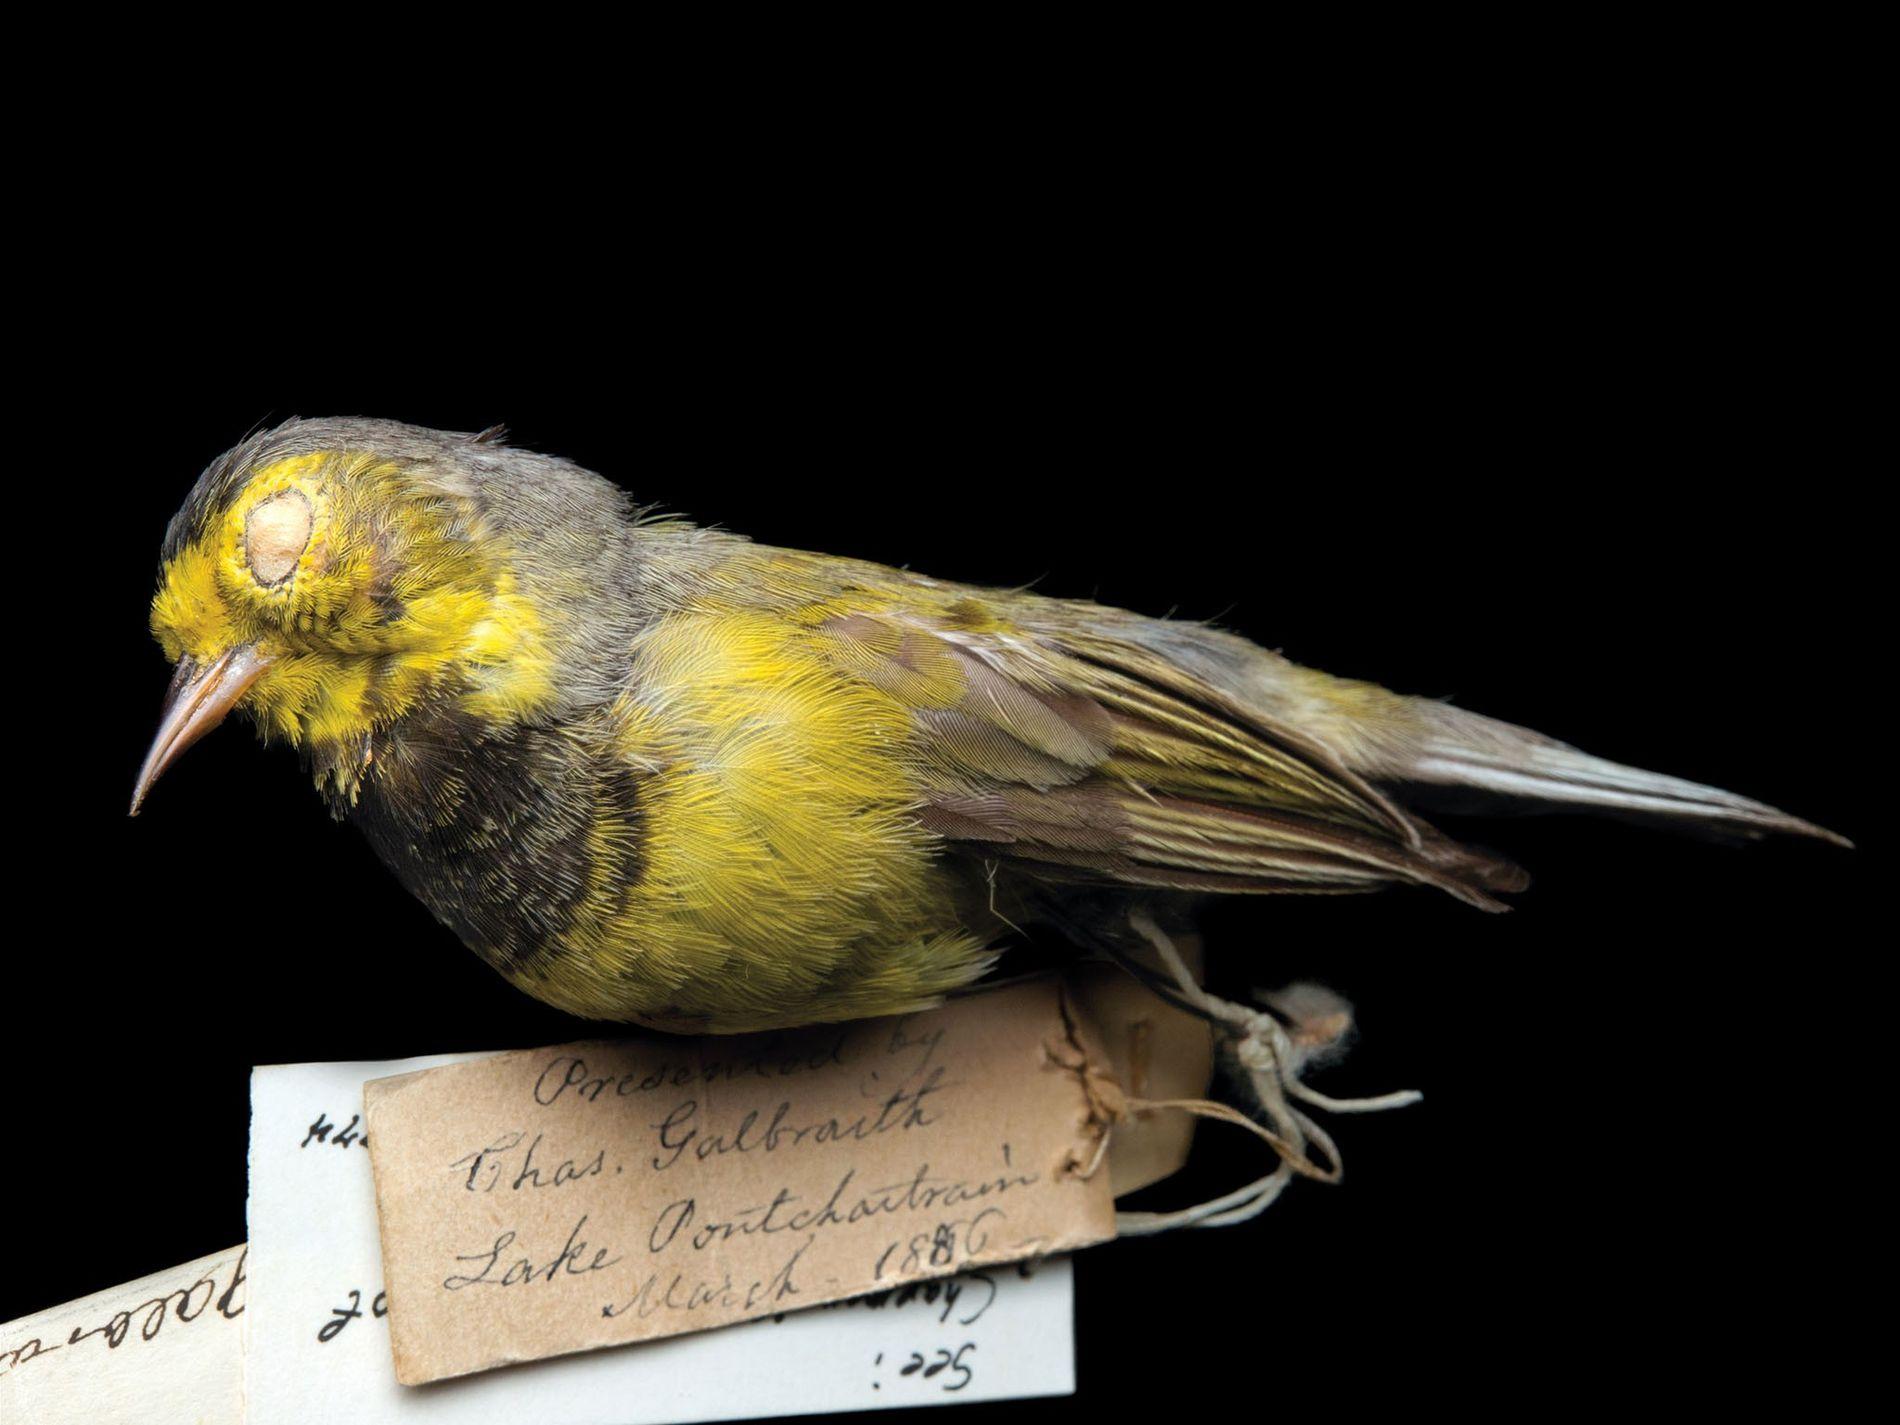 Um rouxinol Vermivora bachmanii, (em perigo crítico, possivelmente extinto), uma das aves canoras mais pequenas nativas ...